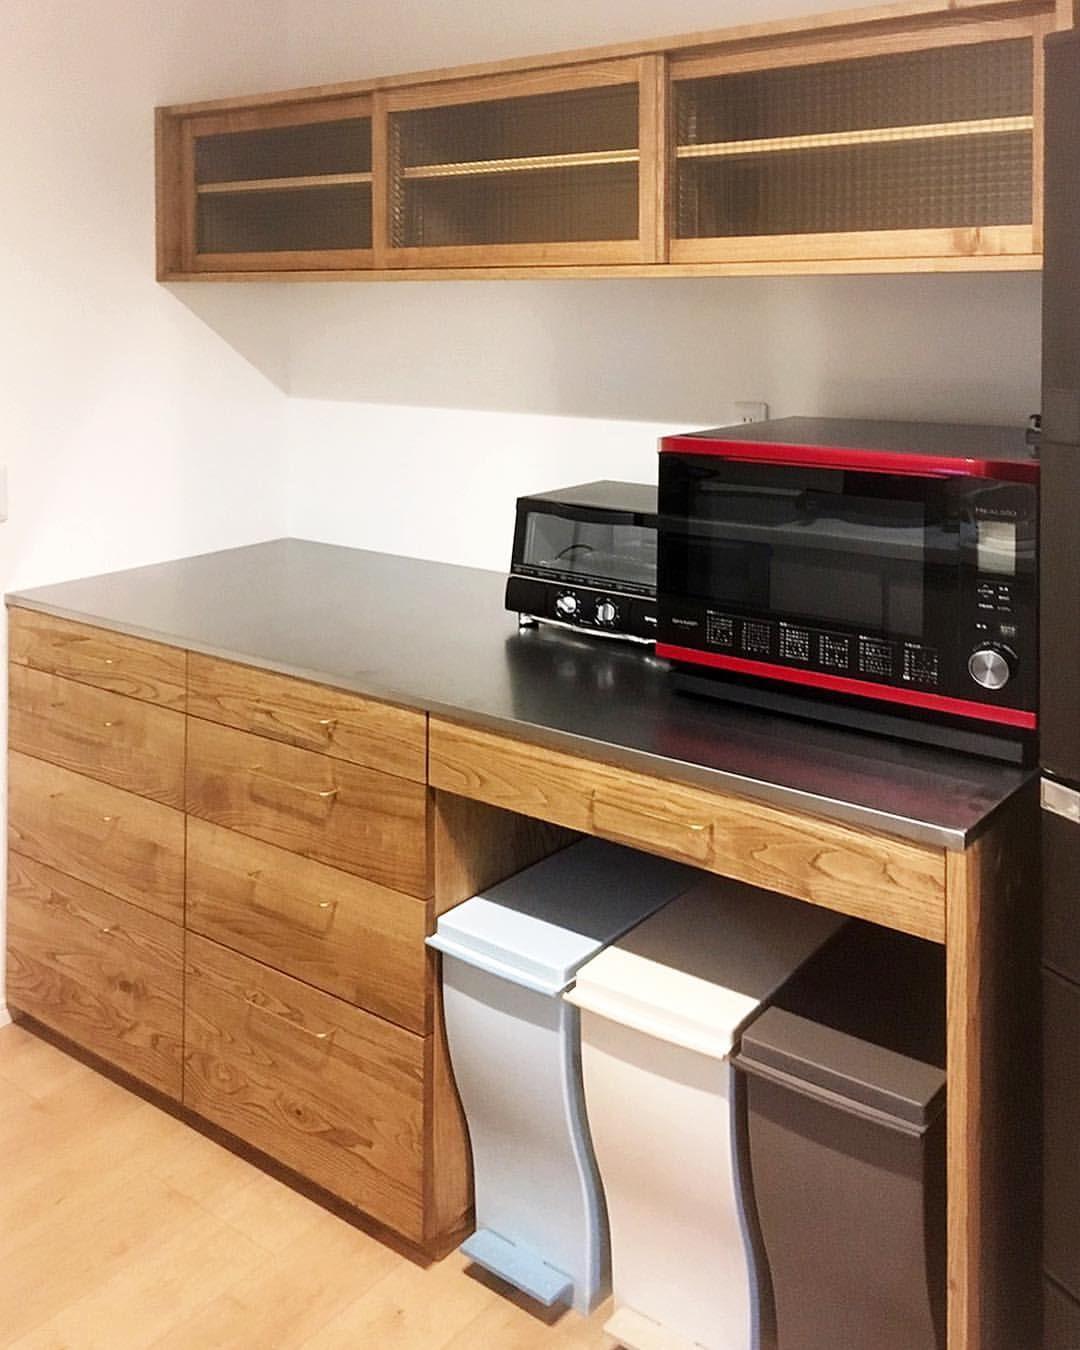 いいね 319件 コメント1件 Oguma Llcさん Oguma Llc のinstagramアカウント 京都のお宅の栗のカップボード ダークウォールナット色に着色しました 天板はステンレスで 奥行 Home Kitchens Interior Design Kitchen Kitchen Design